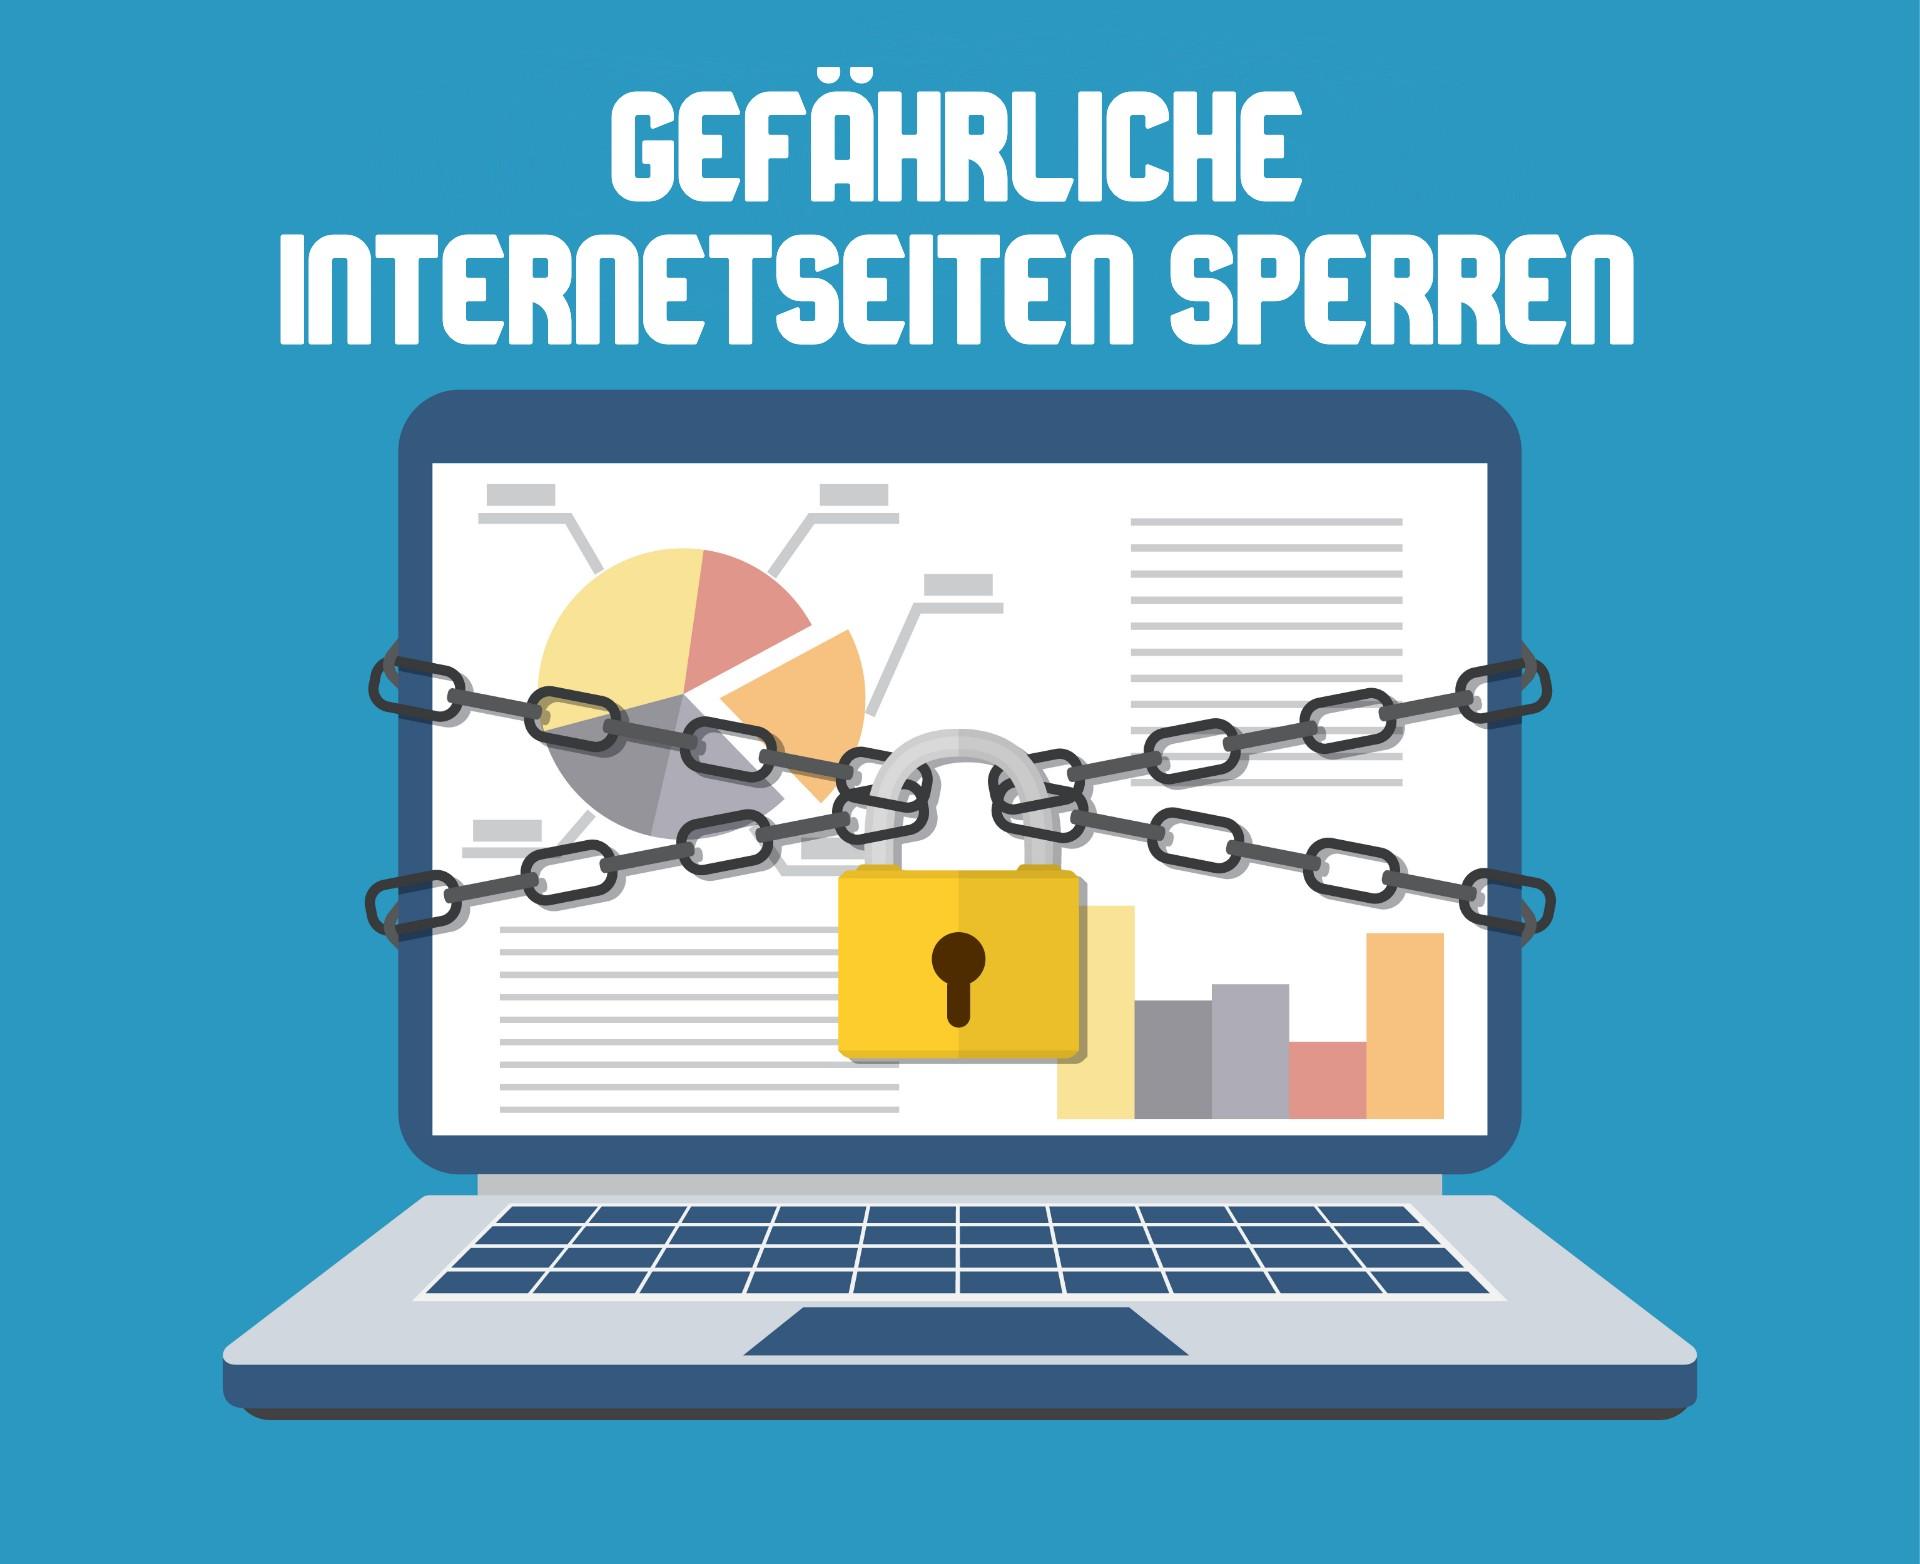 Gefährliche Internetseiten sperren